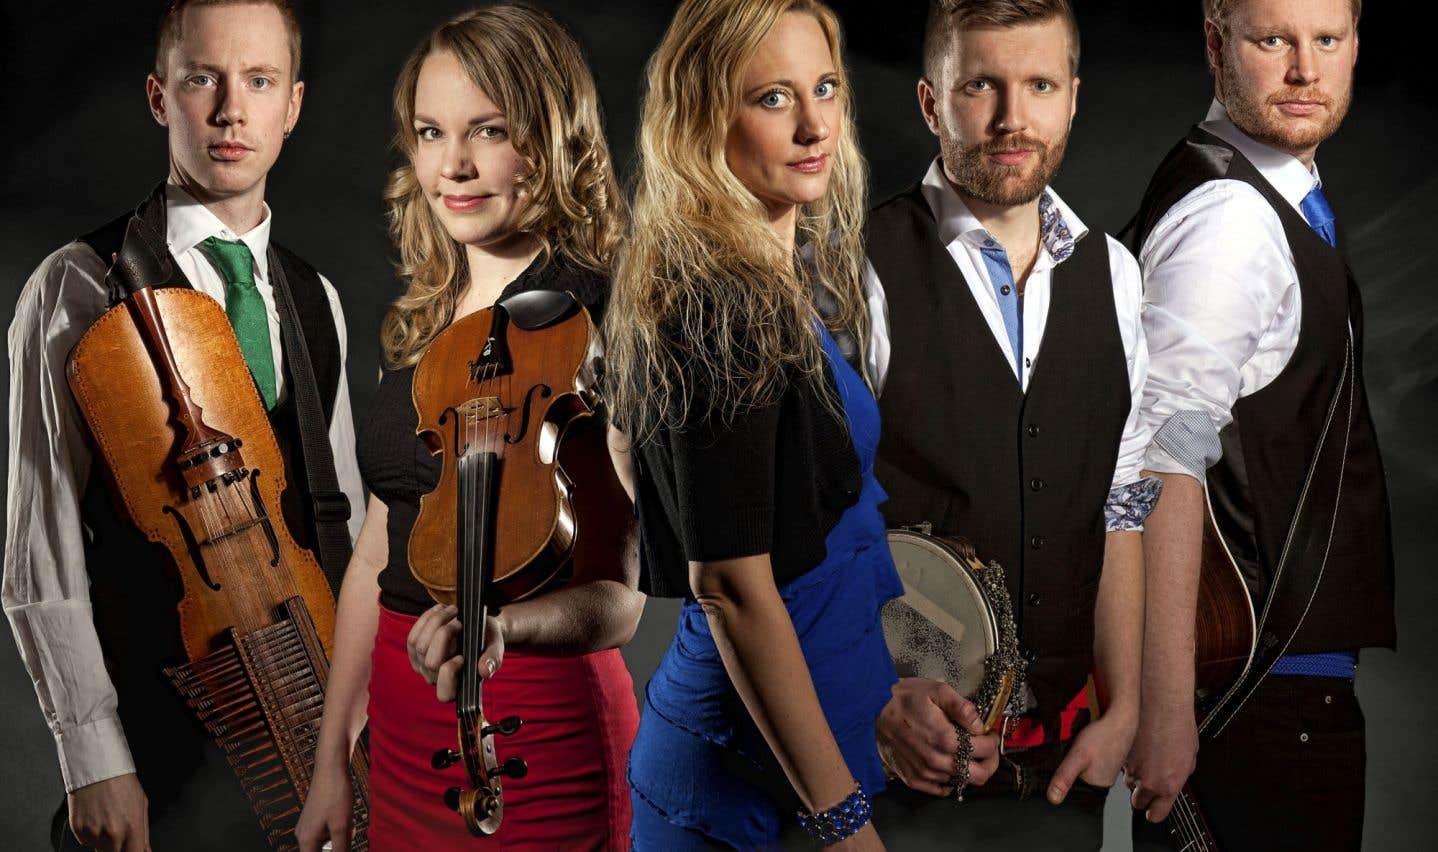 Lyy, le quintette suédois qui est l'un des phares du trad scandinave, présentera un nouvel album lors de Chants de vielles.